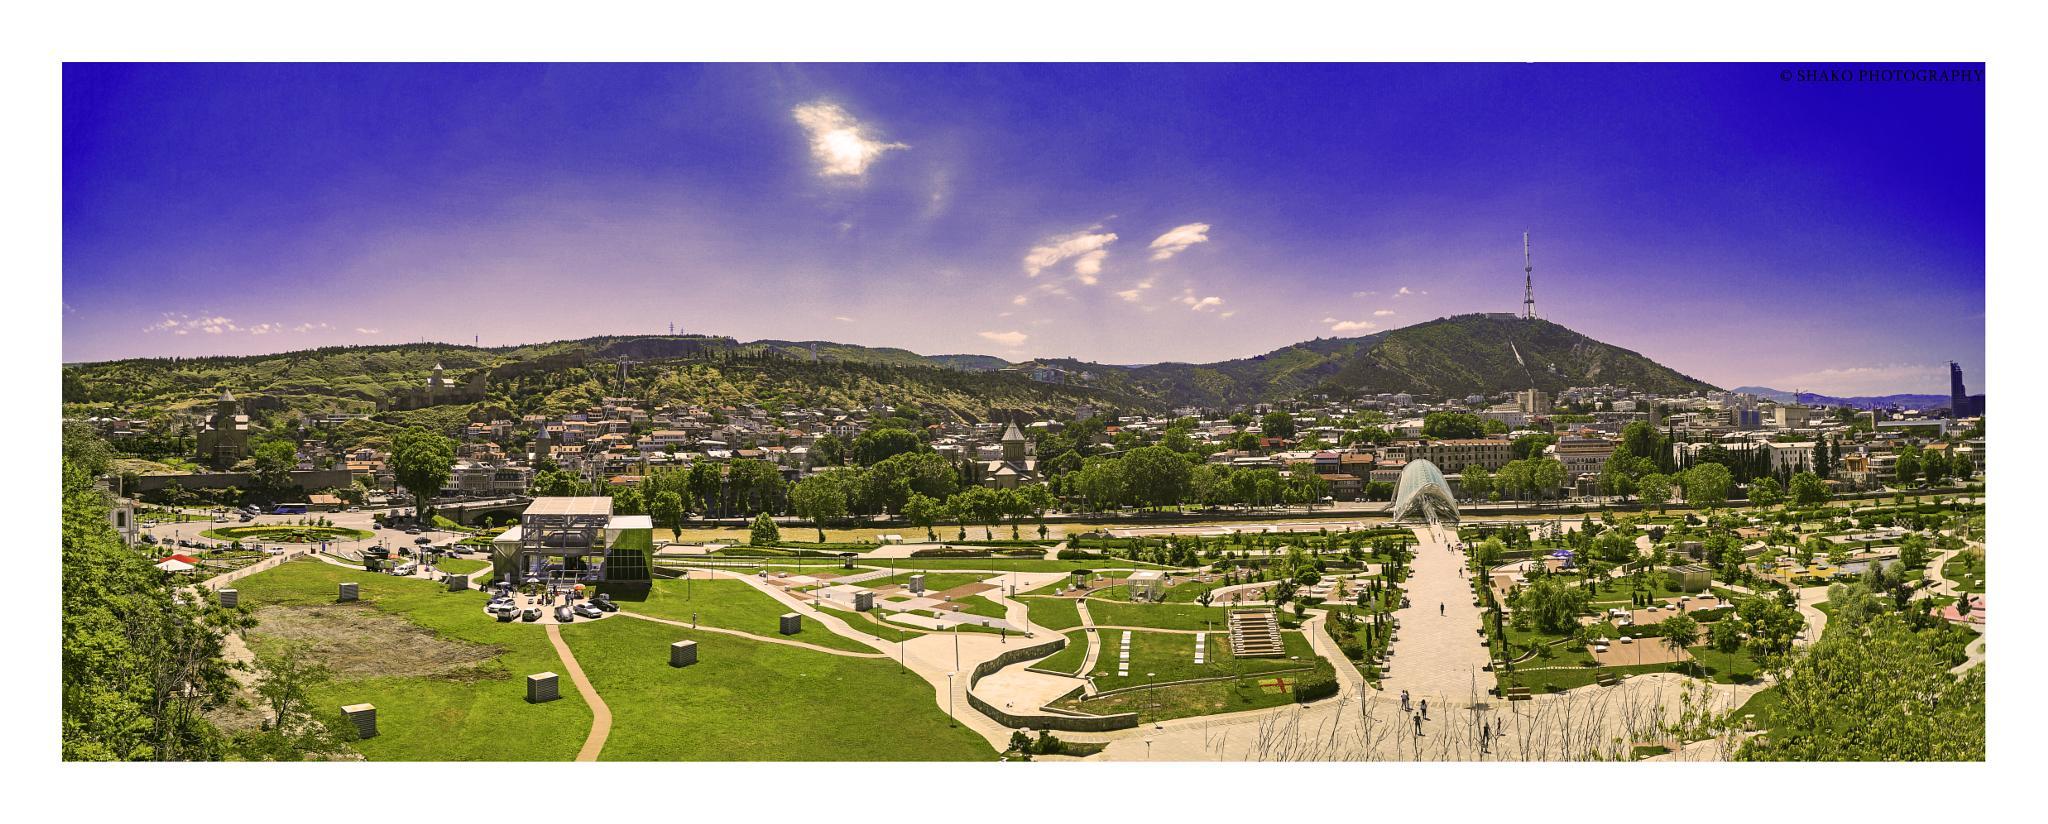 Tbilisi by Shalva Mamukashvili